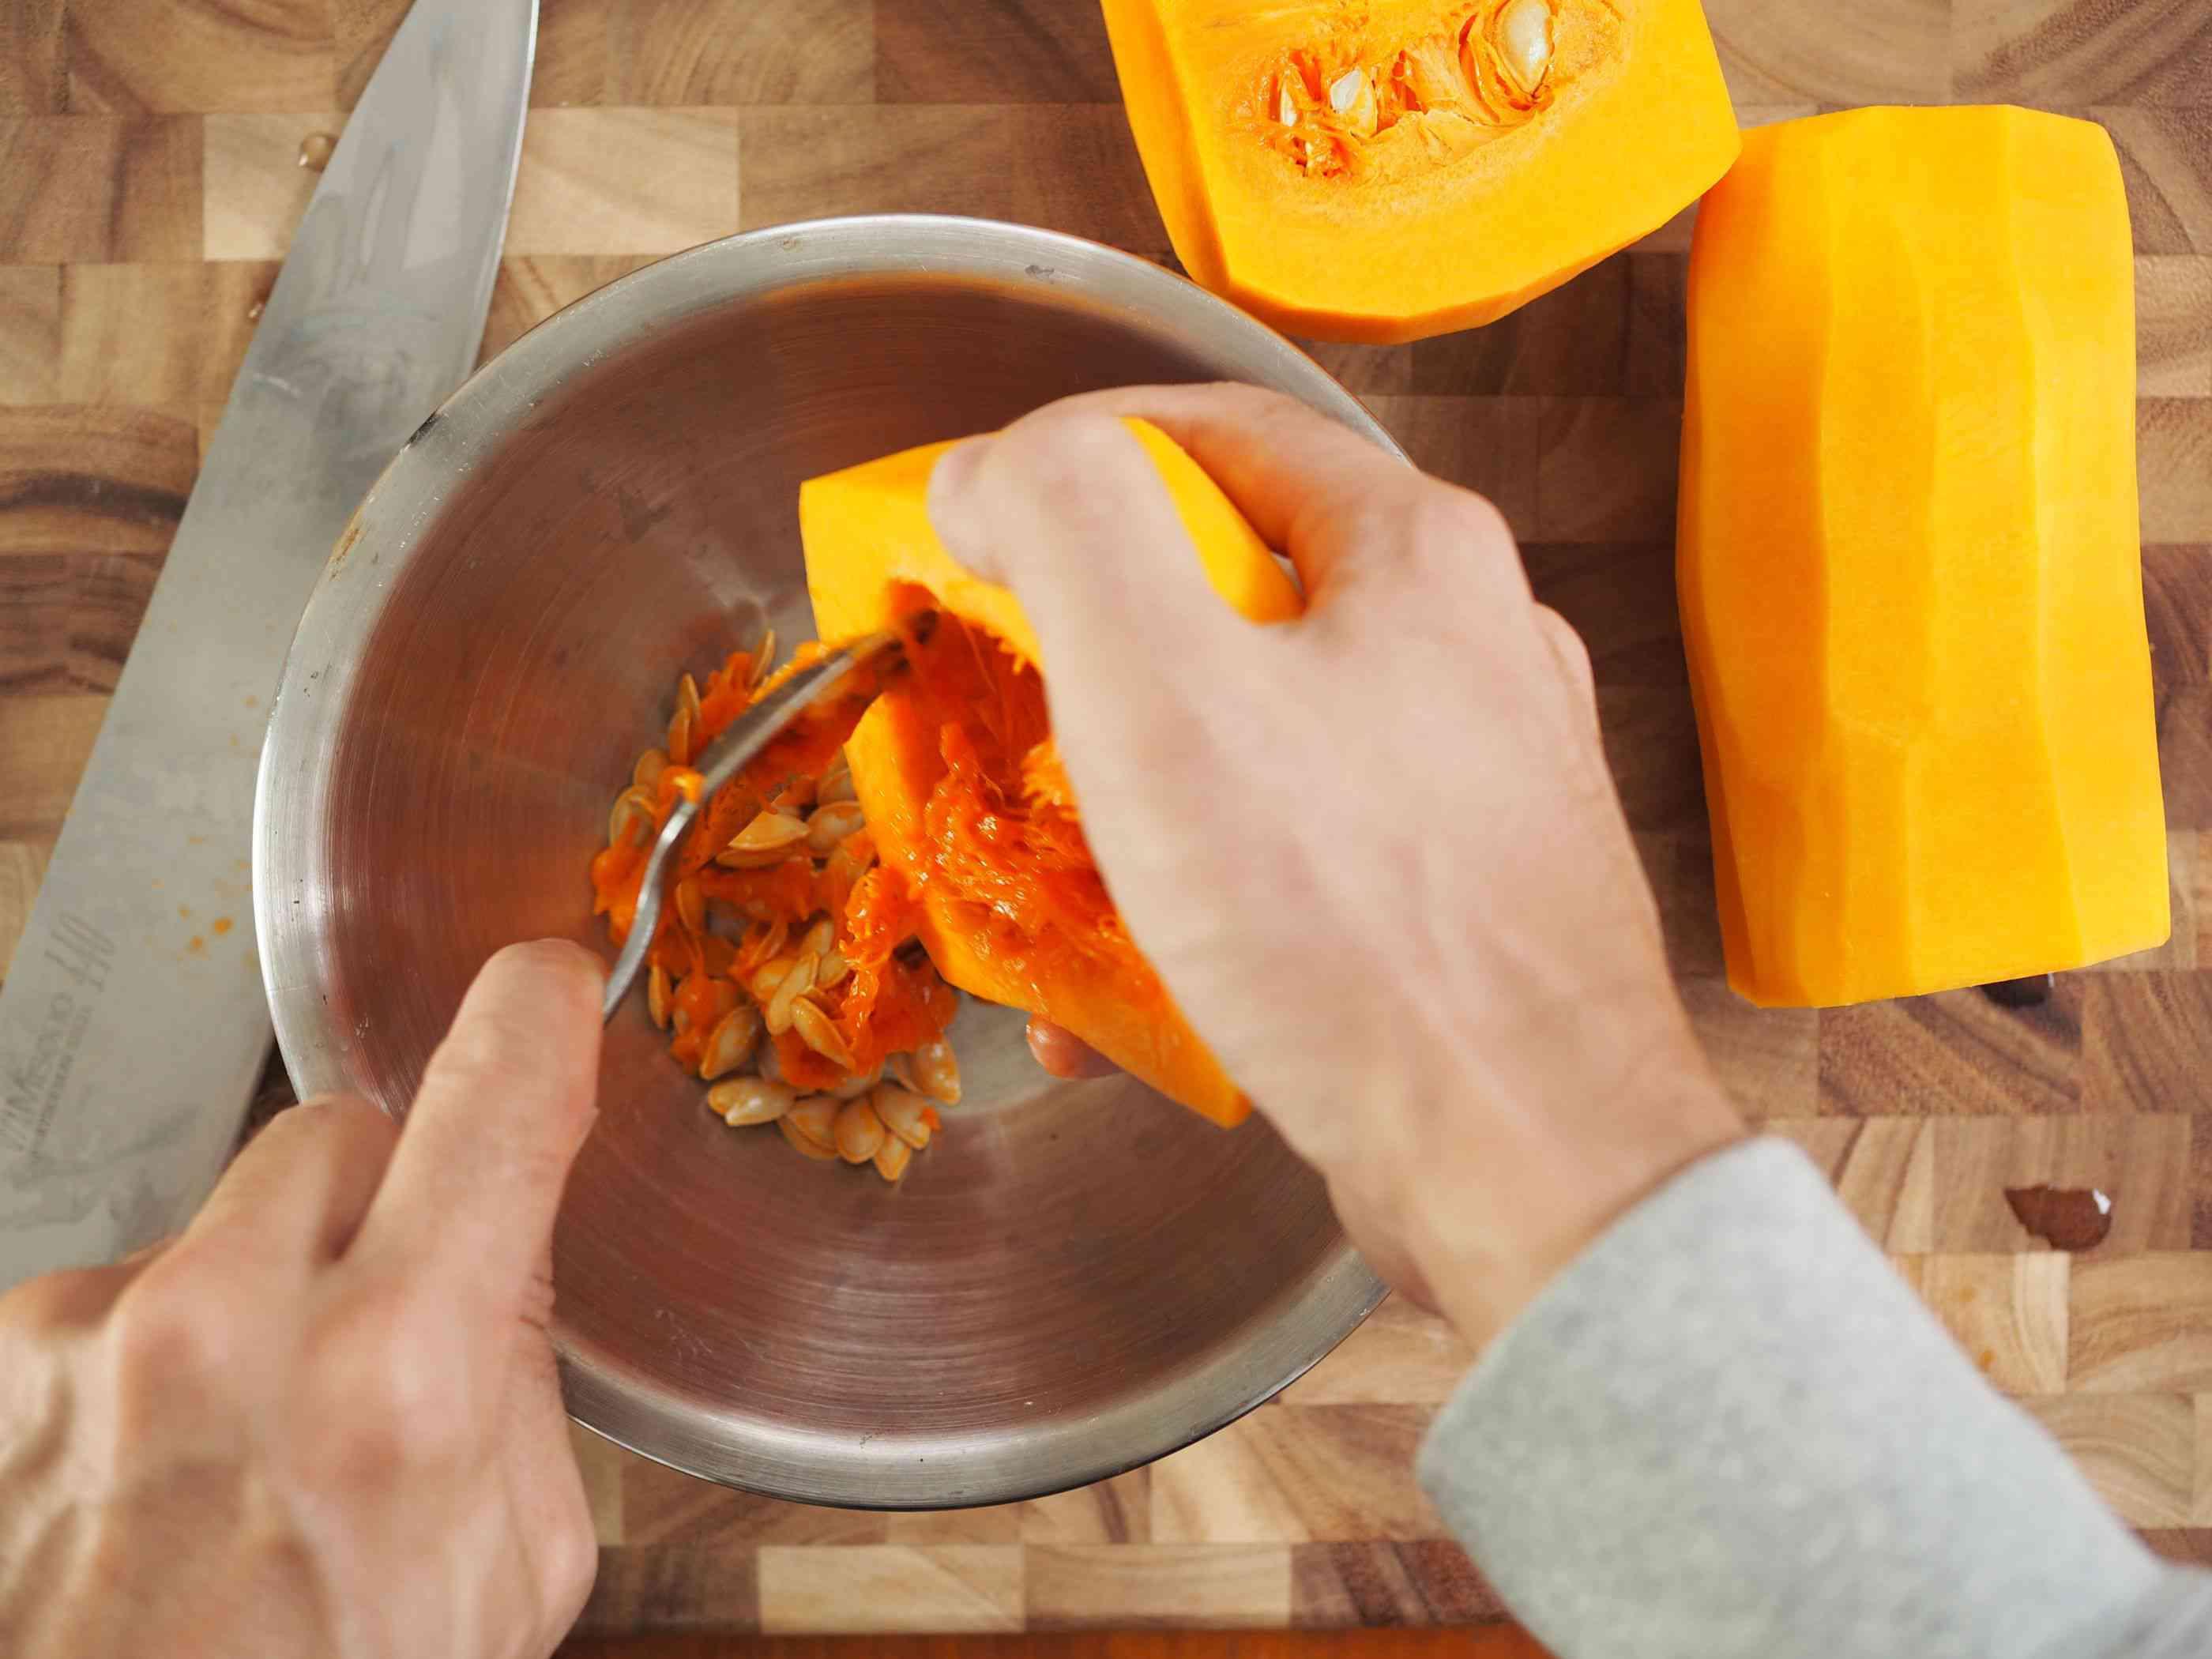 20141008-knife-skills-butternut-squash-daniel-gritzer17.jpg